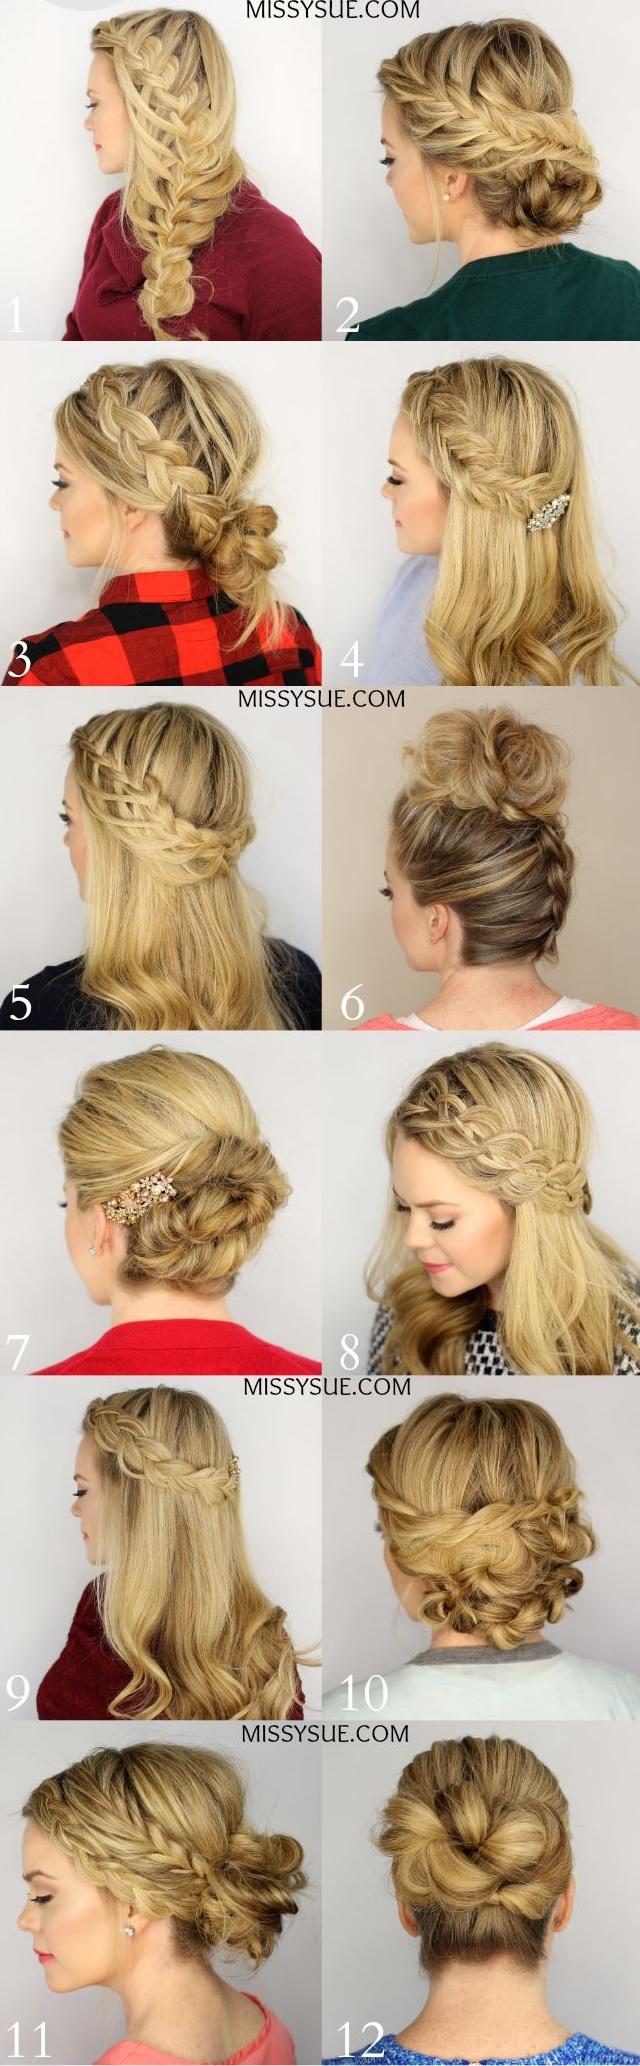 Les coiffures tress es plus de 50 mod les de coiffures avec tresses pour vous coiffure for Comcoiffure avec tresse facile